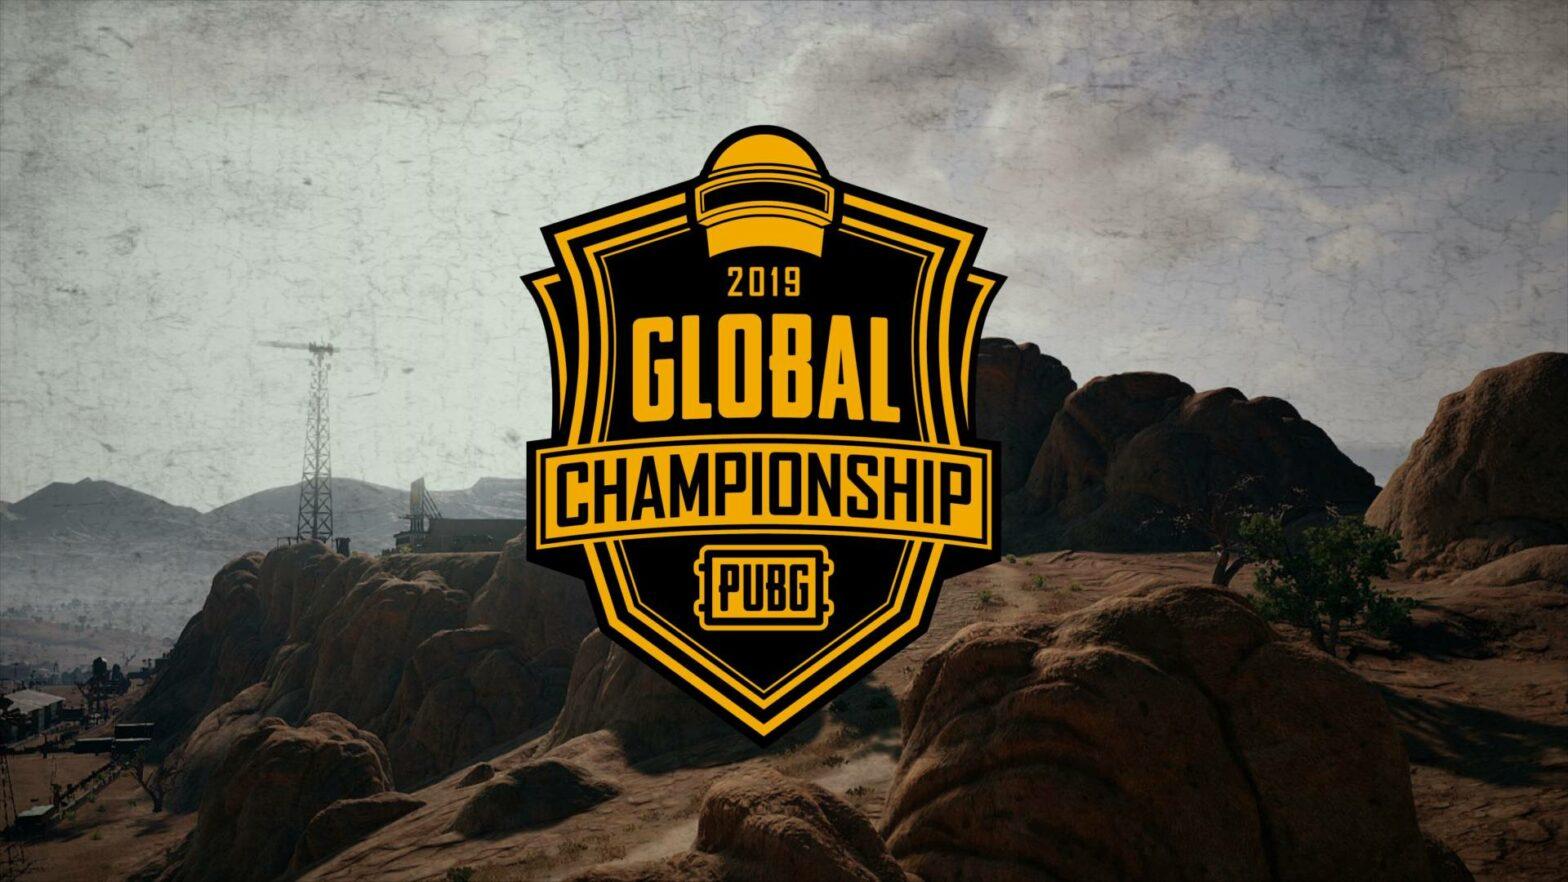 Erste weltweite PUBG Esport-Saison ab Januar 2019